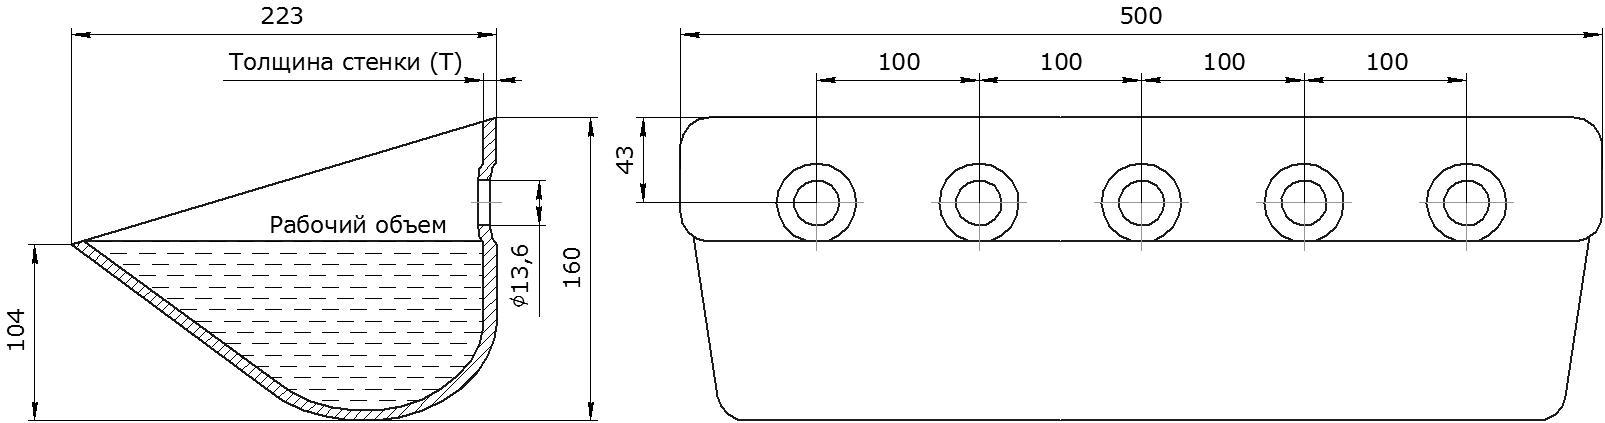 Ковш норийный металлический цельнотянутый Ц-500 чертеж